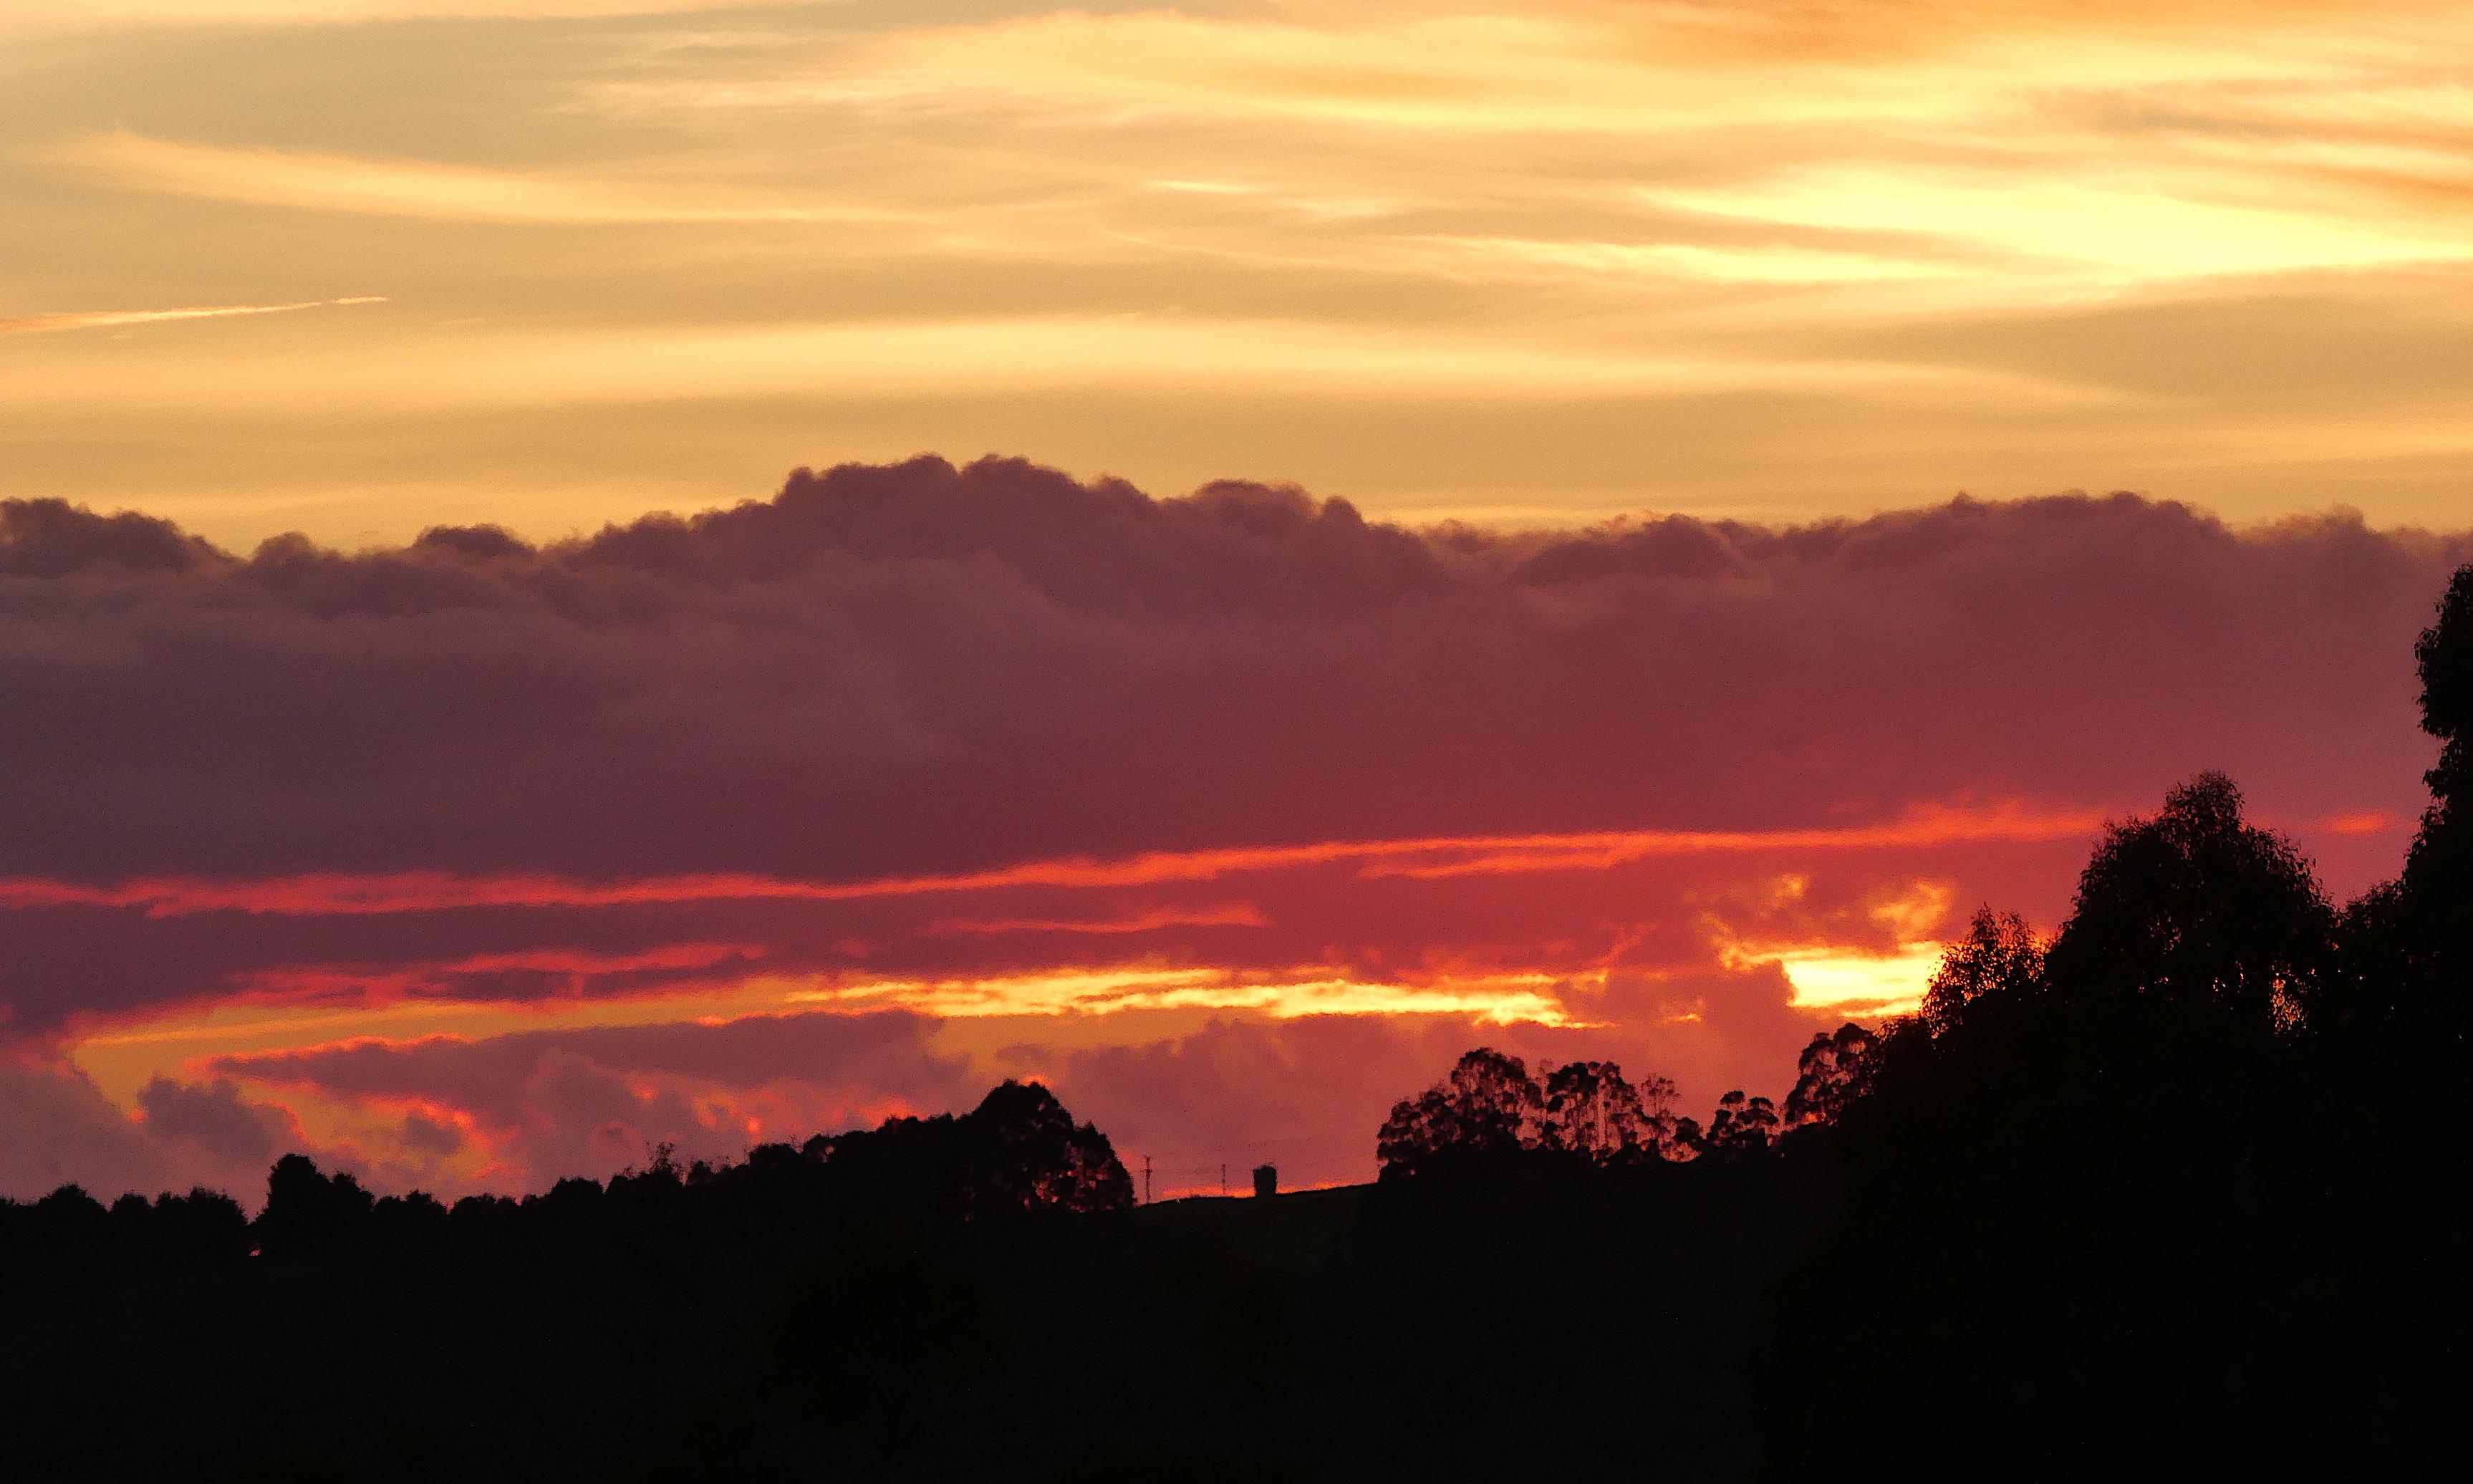 9.almost sunrise